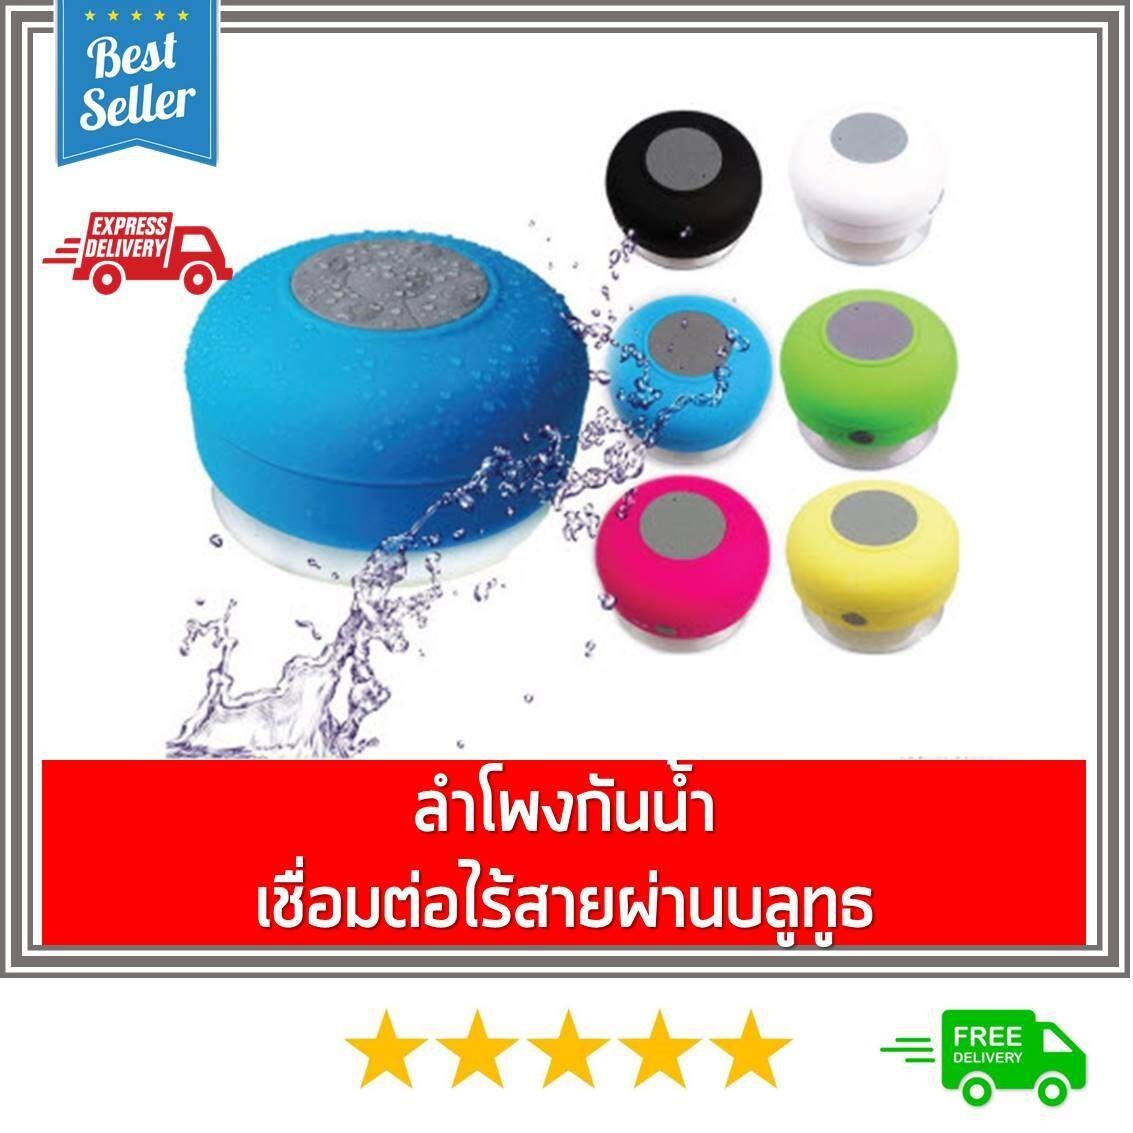 ลำโพงกันน้ำ (waterproof Bts-06) ลําโพงกันน้ําไร้สาย ลําโพงบลูทูธ ลําโพงพกพา ลําโพงlazada ลําโพงขนาดเล็ก ลําโพงขายดี ลําโพงจิ๋ว ลําโพงชาร์จแบต ลําโพงดีที่สุด ลําโพงตัวเล็กเสียงดี ลําโพงถูกและดี.